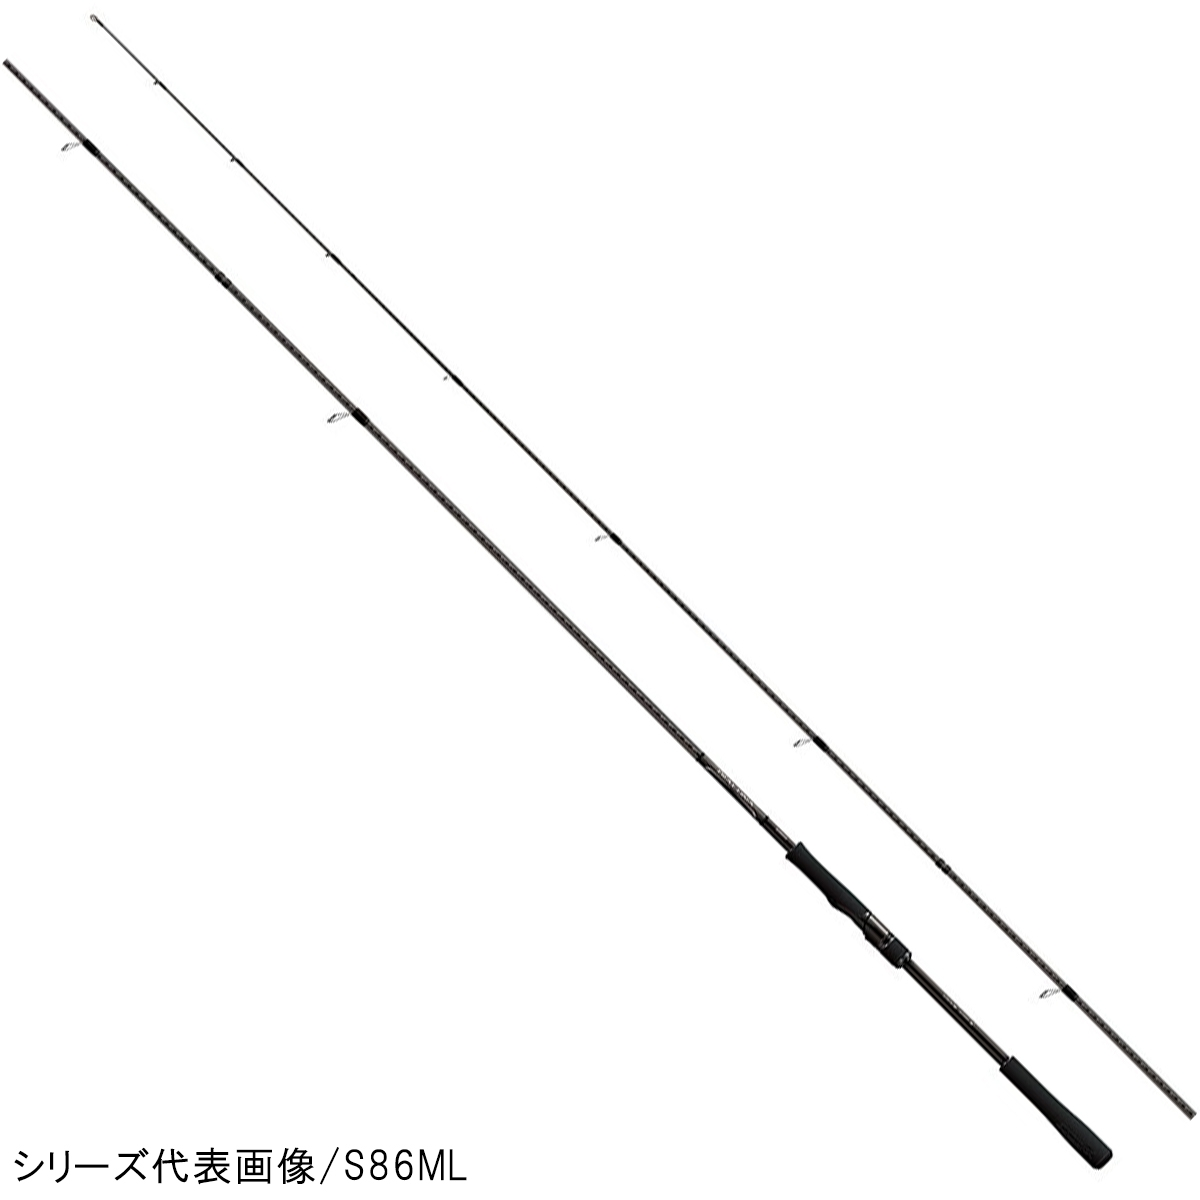 シマノ ディアルーナ (スピニング) S90ML(東日本店)